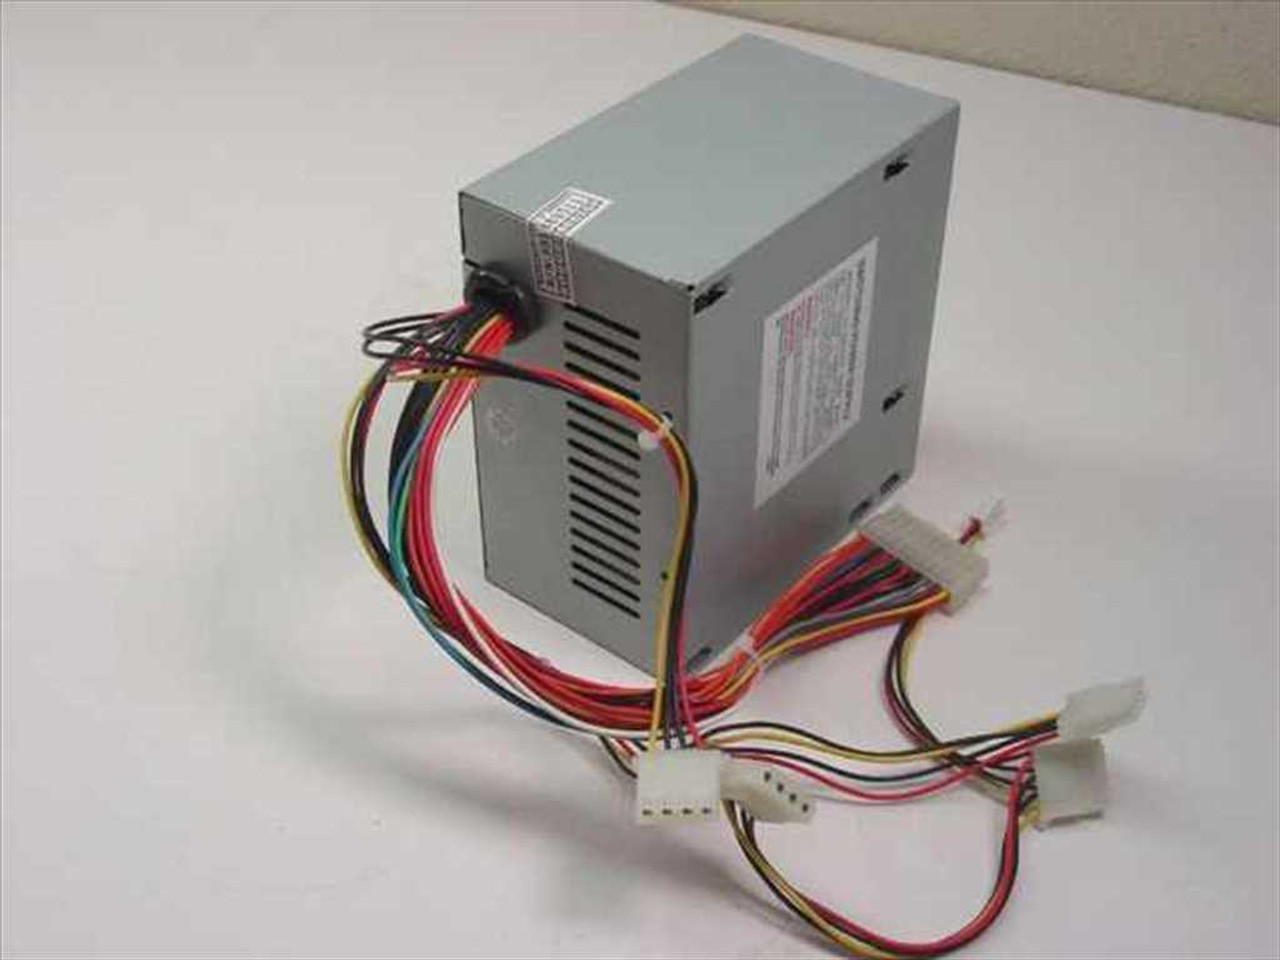 Ausgezeichnet Atx 250 Netzteil Fotos - Elektrische Schaltplan-Ideen ...